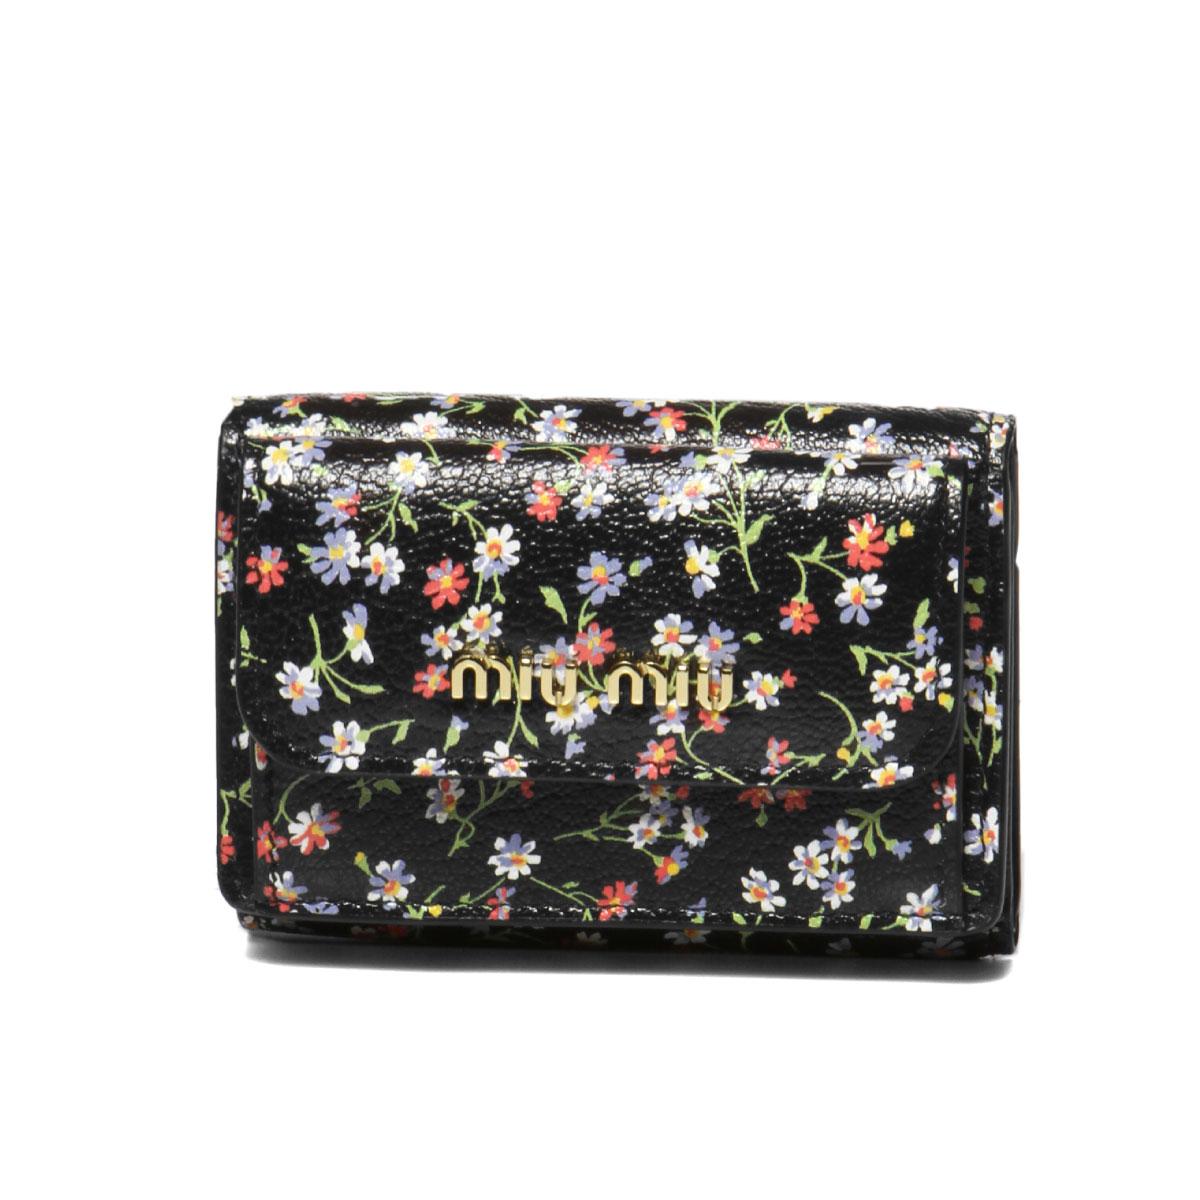 ミュウ ミュウ MIU MIU 財布 レディース 5MH021 2D52 F0002 三つ折り財布 MADRAS FLOWER NERO ブラック